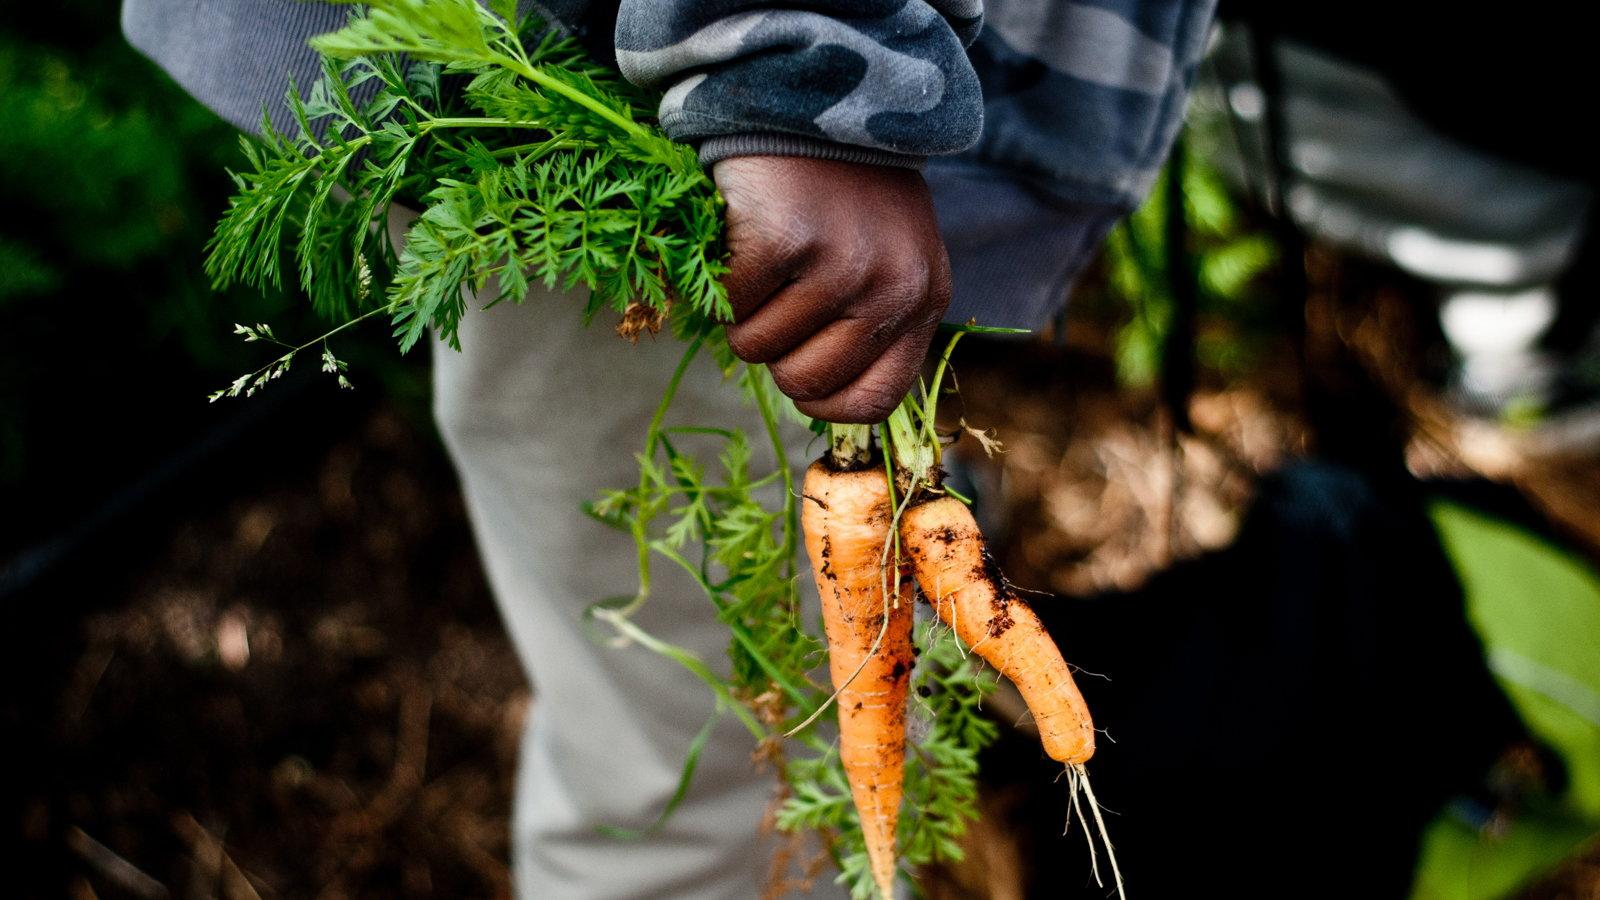 carrots from a garden